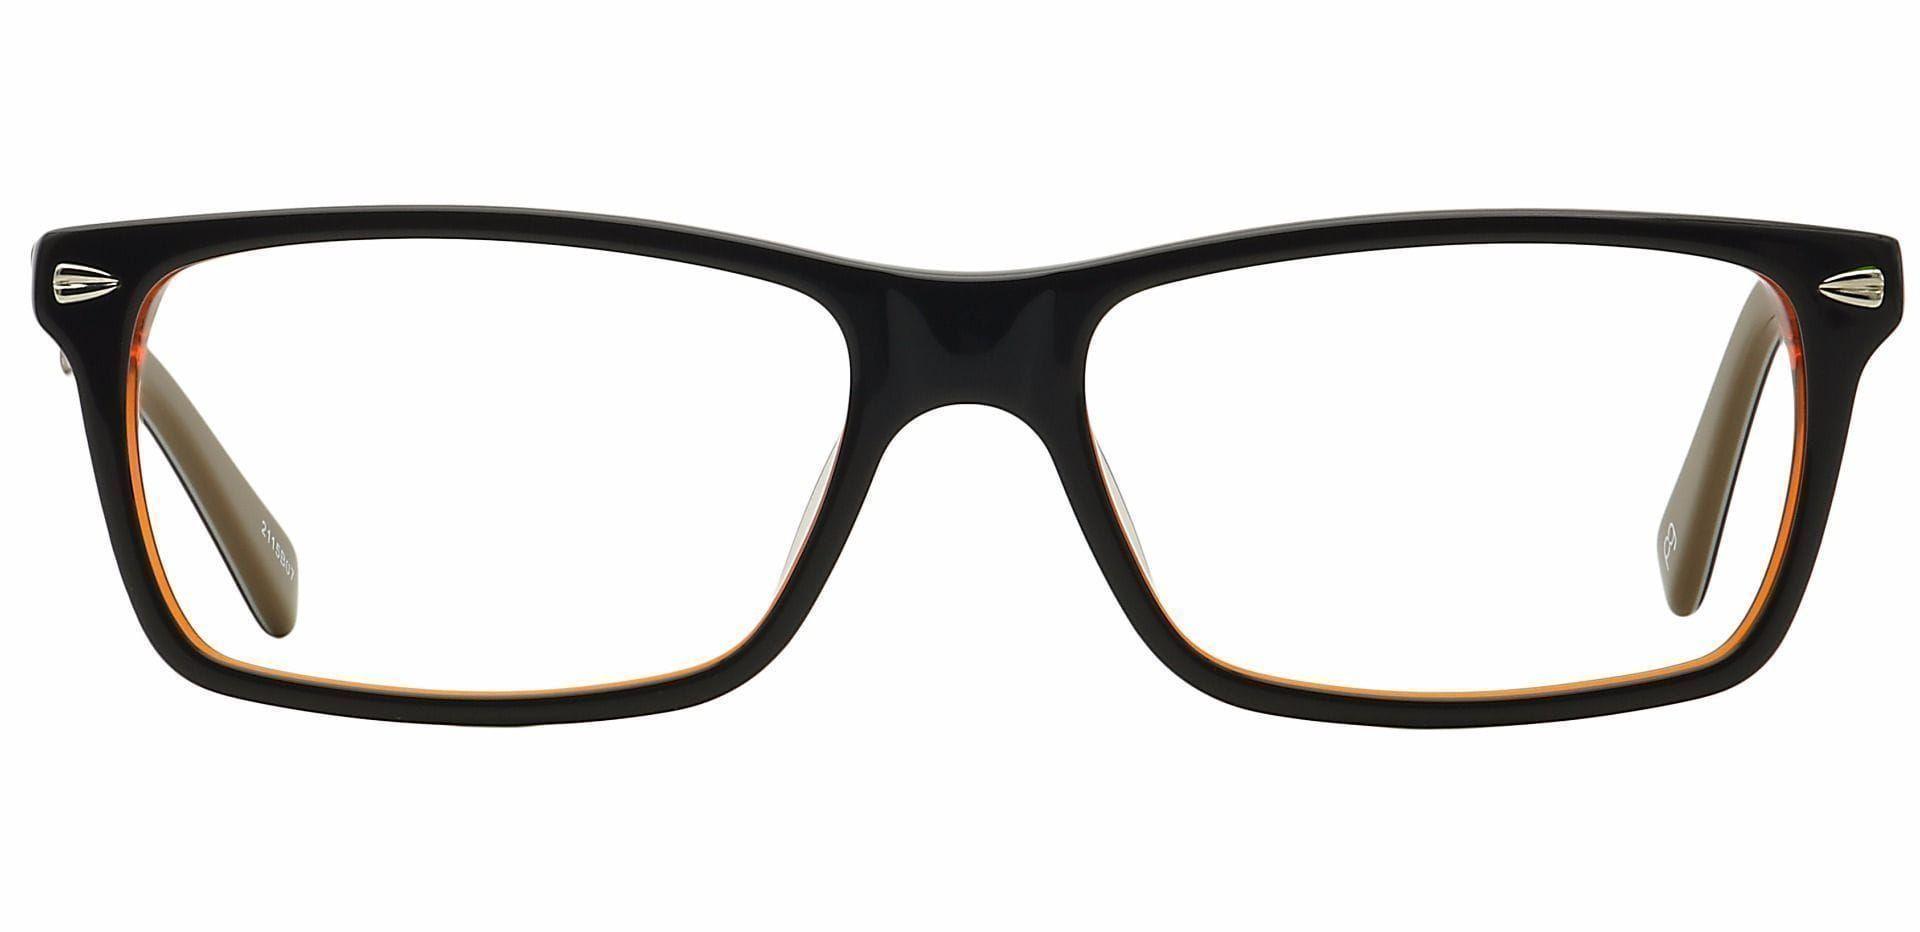 Oren Rectangle Prescription Glasses - Brown